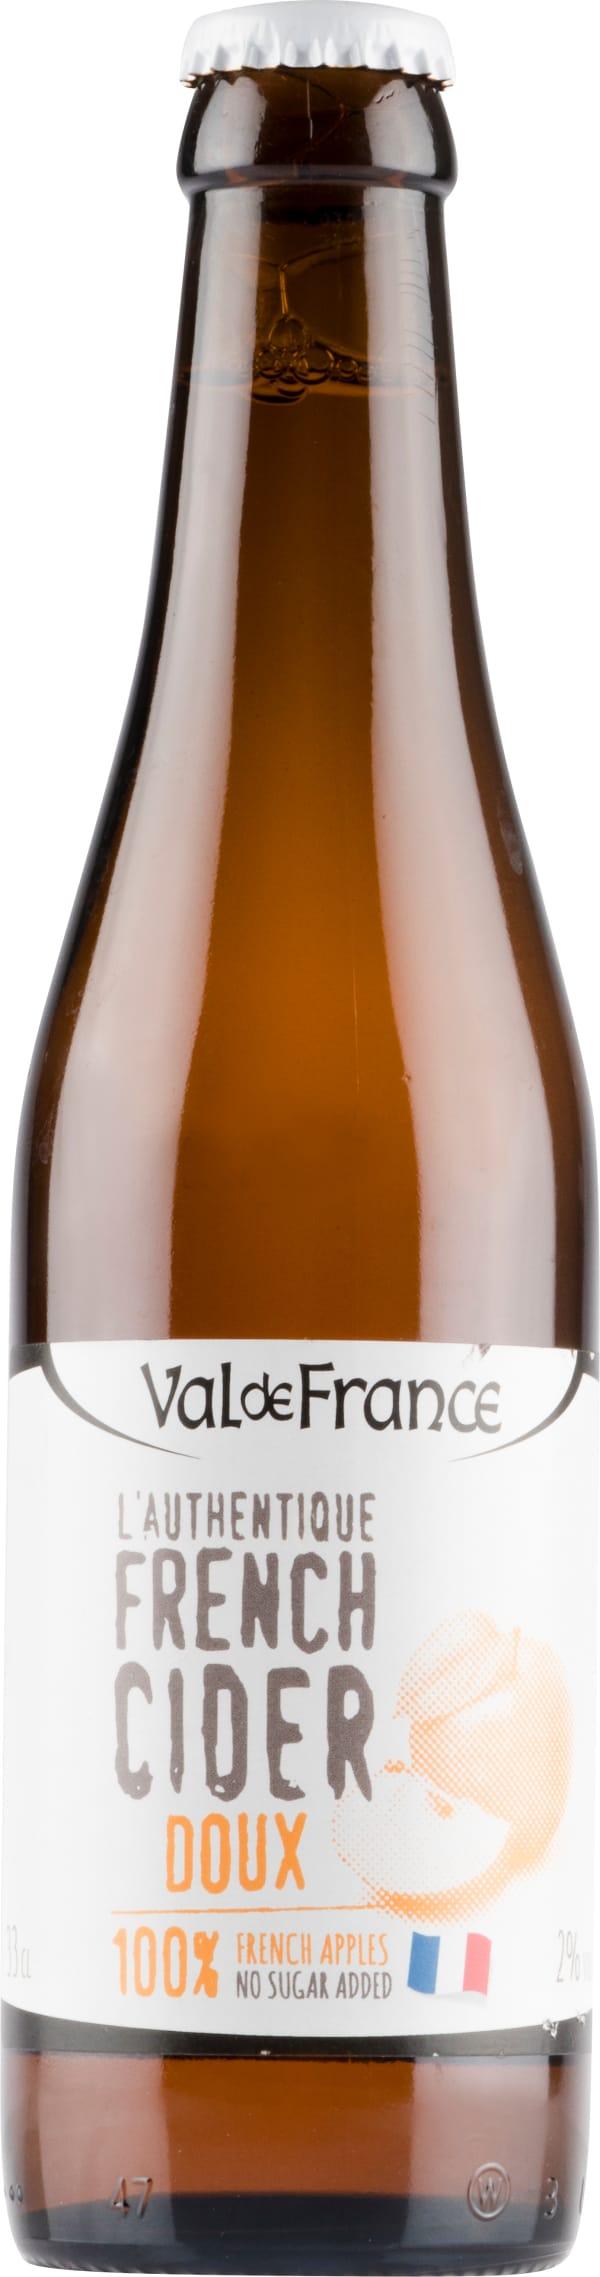 Val de France L'Authentique French Cider Doux